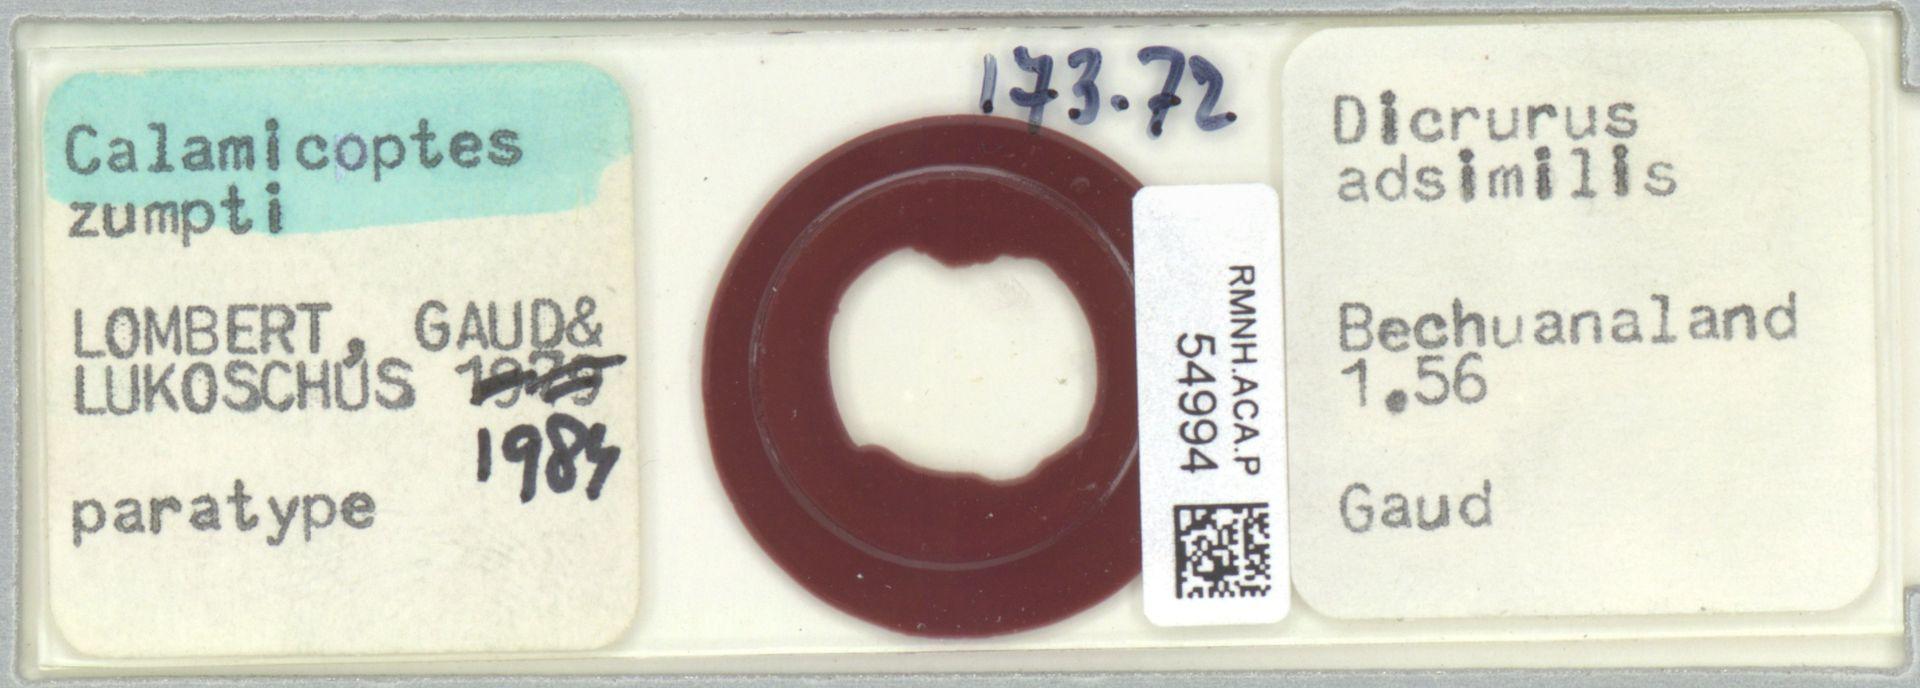 RMNH.ACA.P.54994 | Calamicoptes zumpti Lombert, Gaud & Lukoschus, 1984